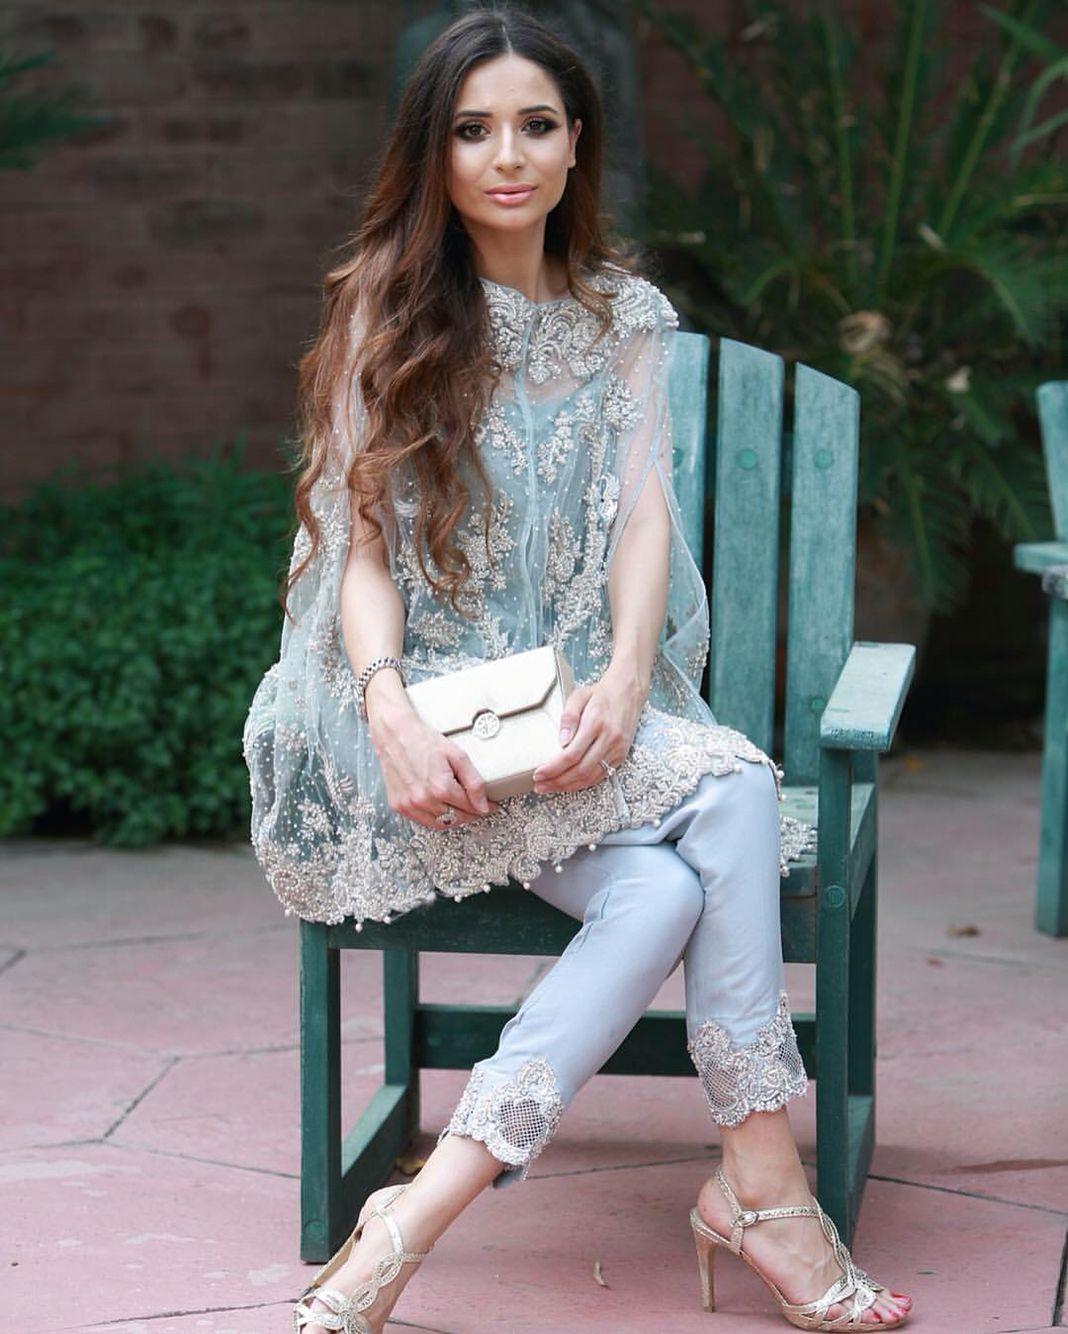 Cape chantilly lace love Pakistani formal wear - amazing make up ...